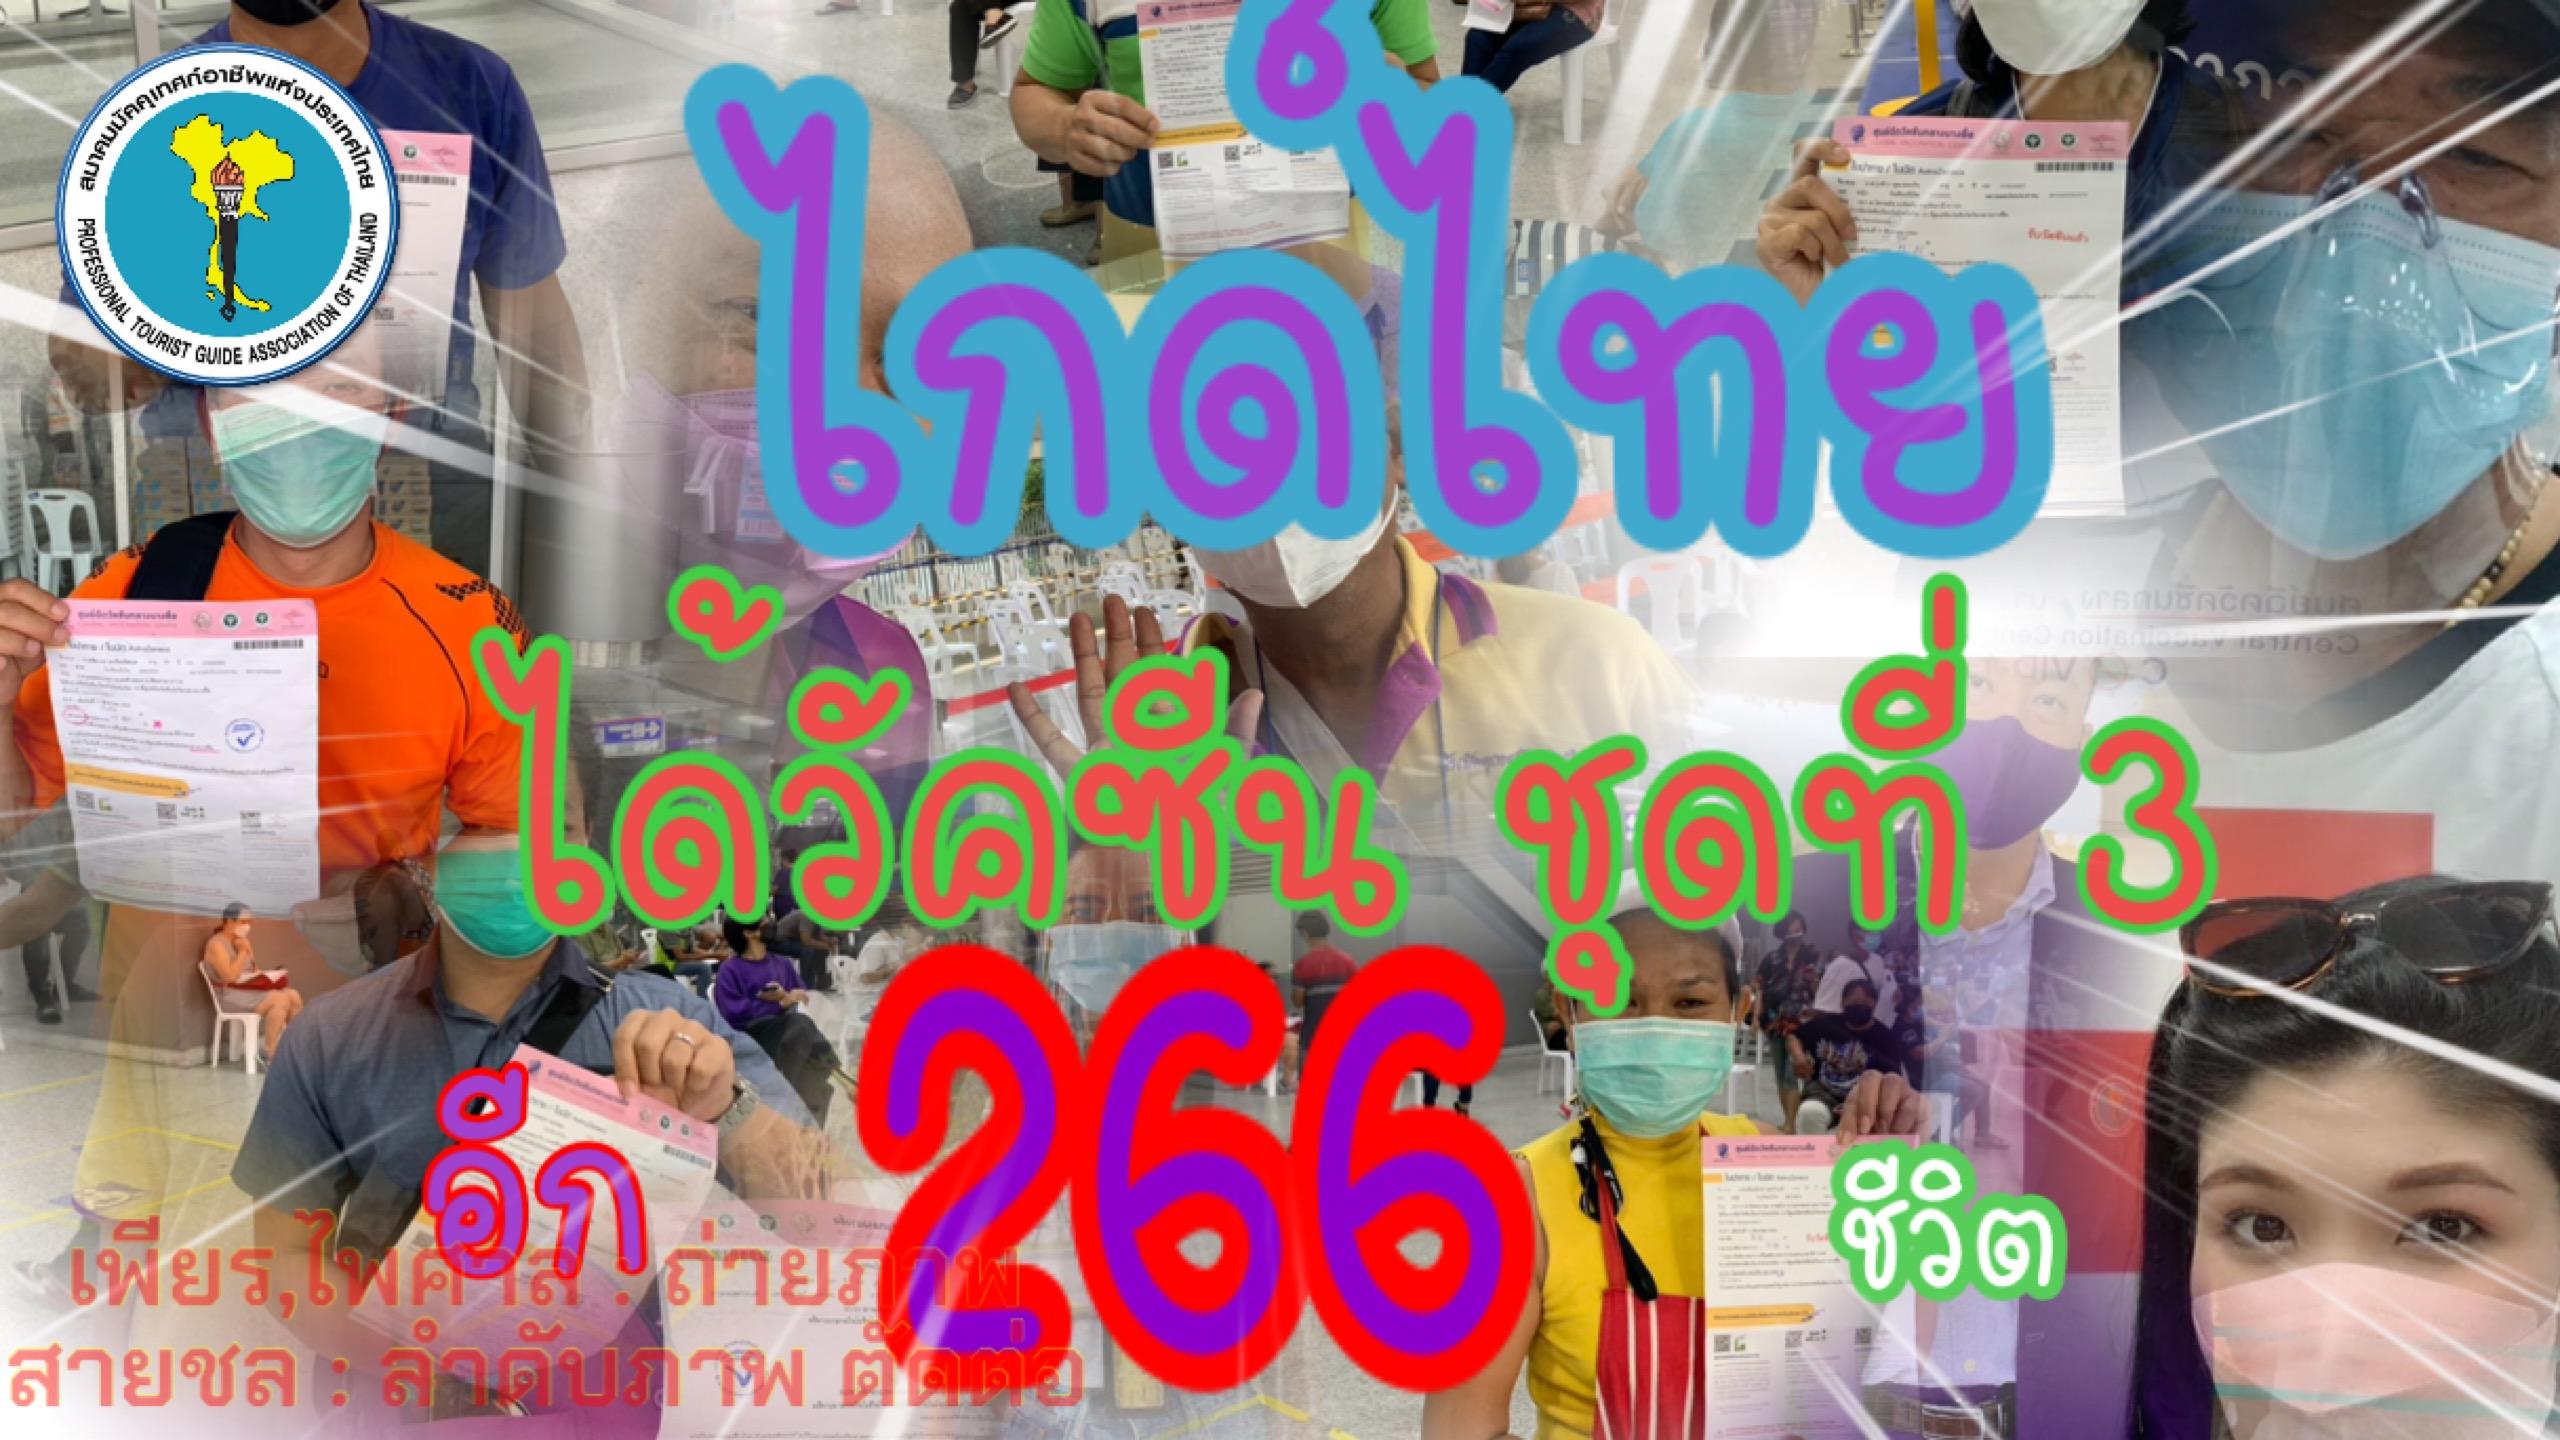 ล็อต 3  สมาคมมัคคุเทศก์อาชีพแห่งประเทศไทยประสาน  กระทรวง สธ  กรมควบคุมโรค ขอวัคซีนฉีดไกด์ อีก 266 คน